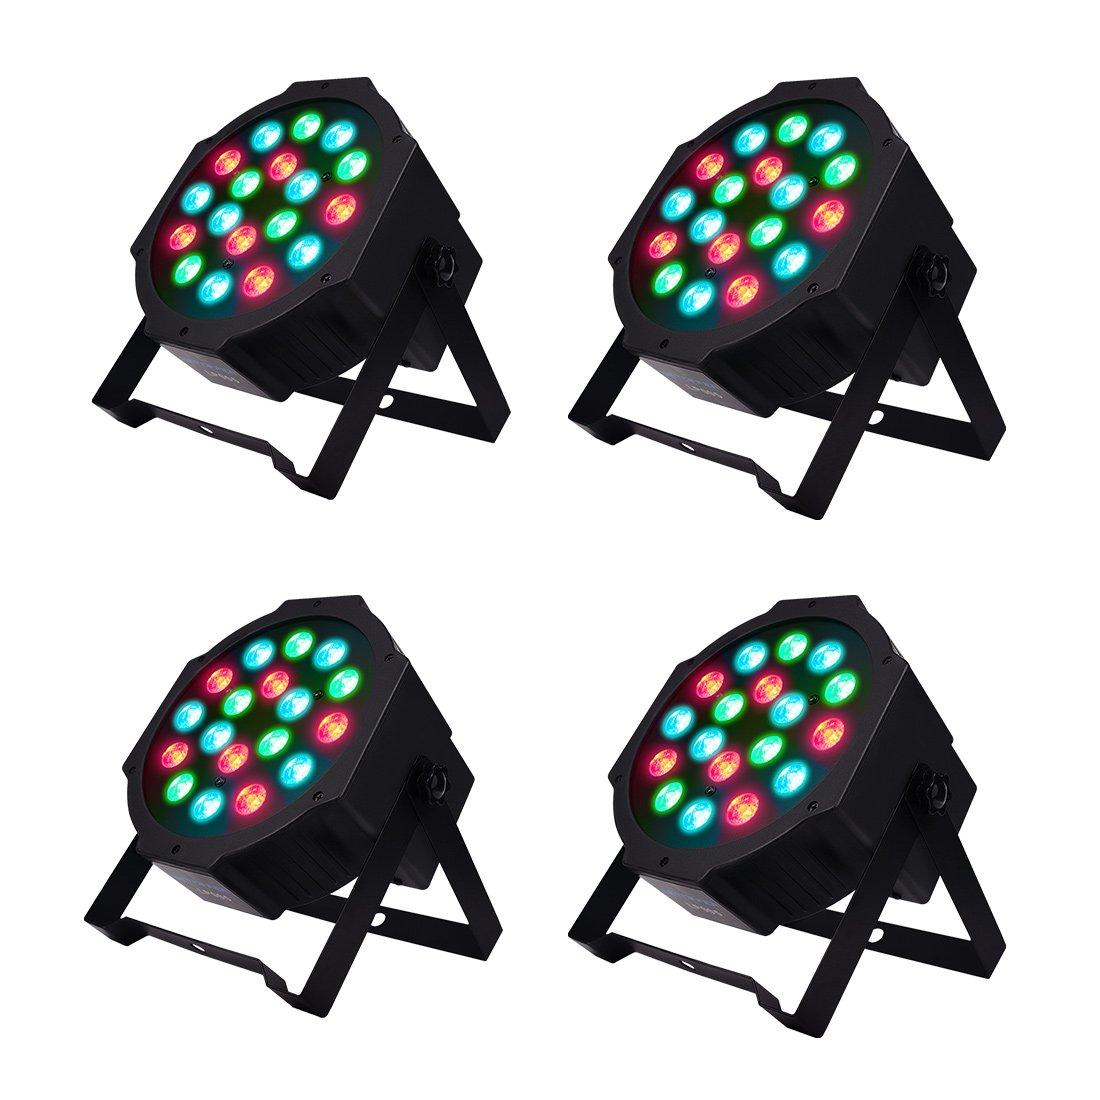 BETOPPER Par Lights DMX Controlled LED Par Light 18x1W RGB DJ PAR 64 Stage Lighting Party Lights (4pcs)